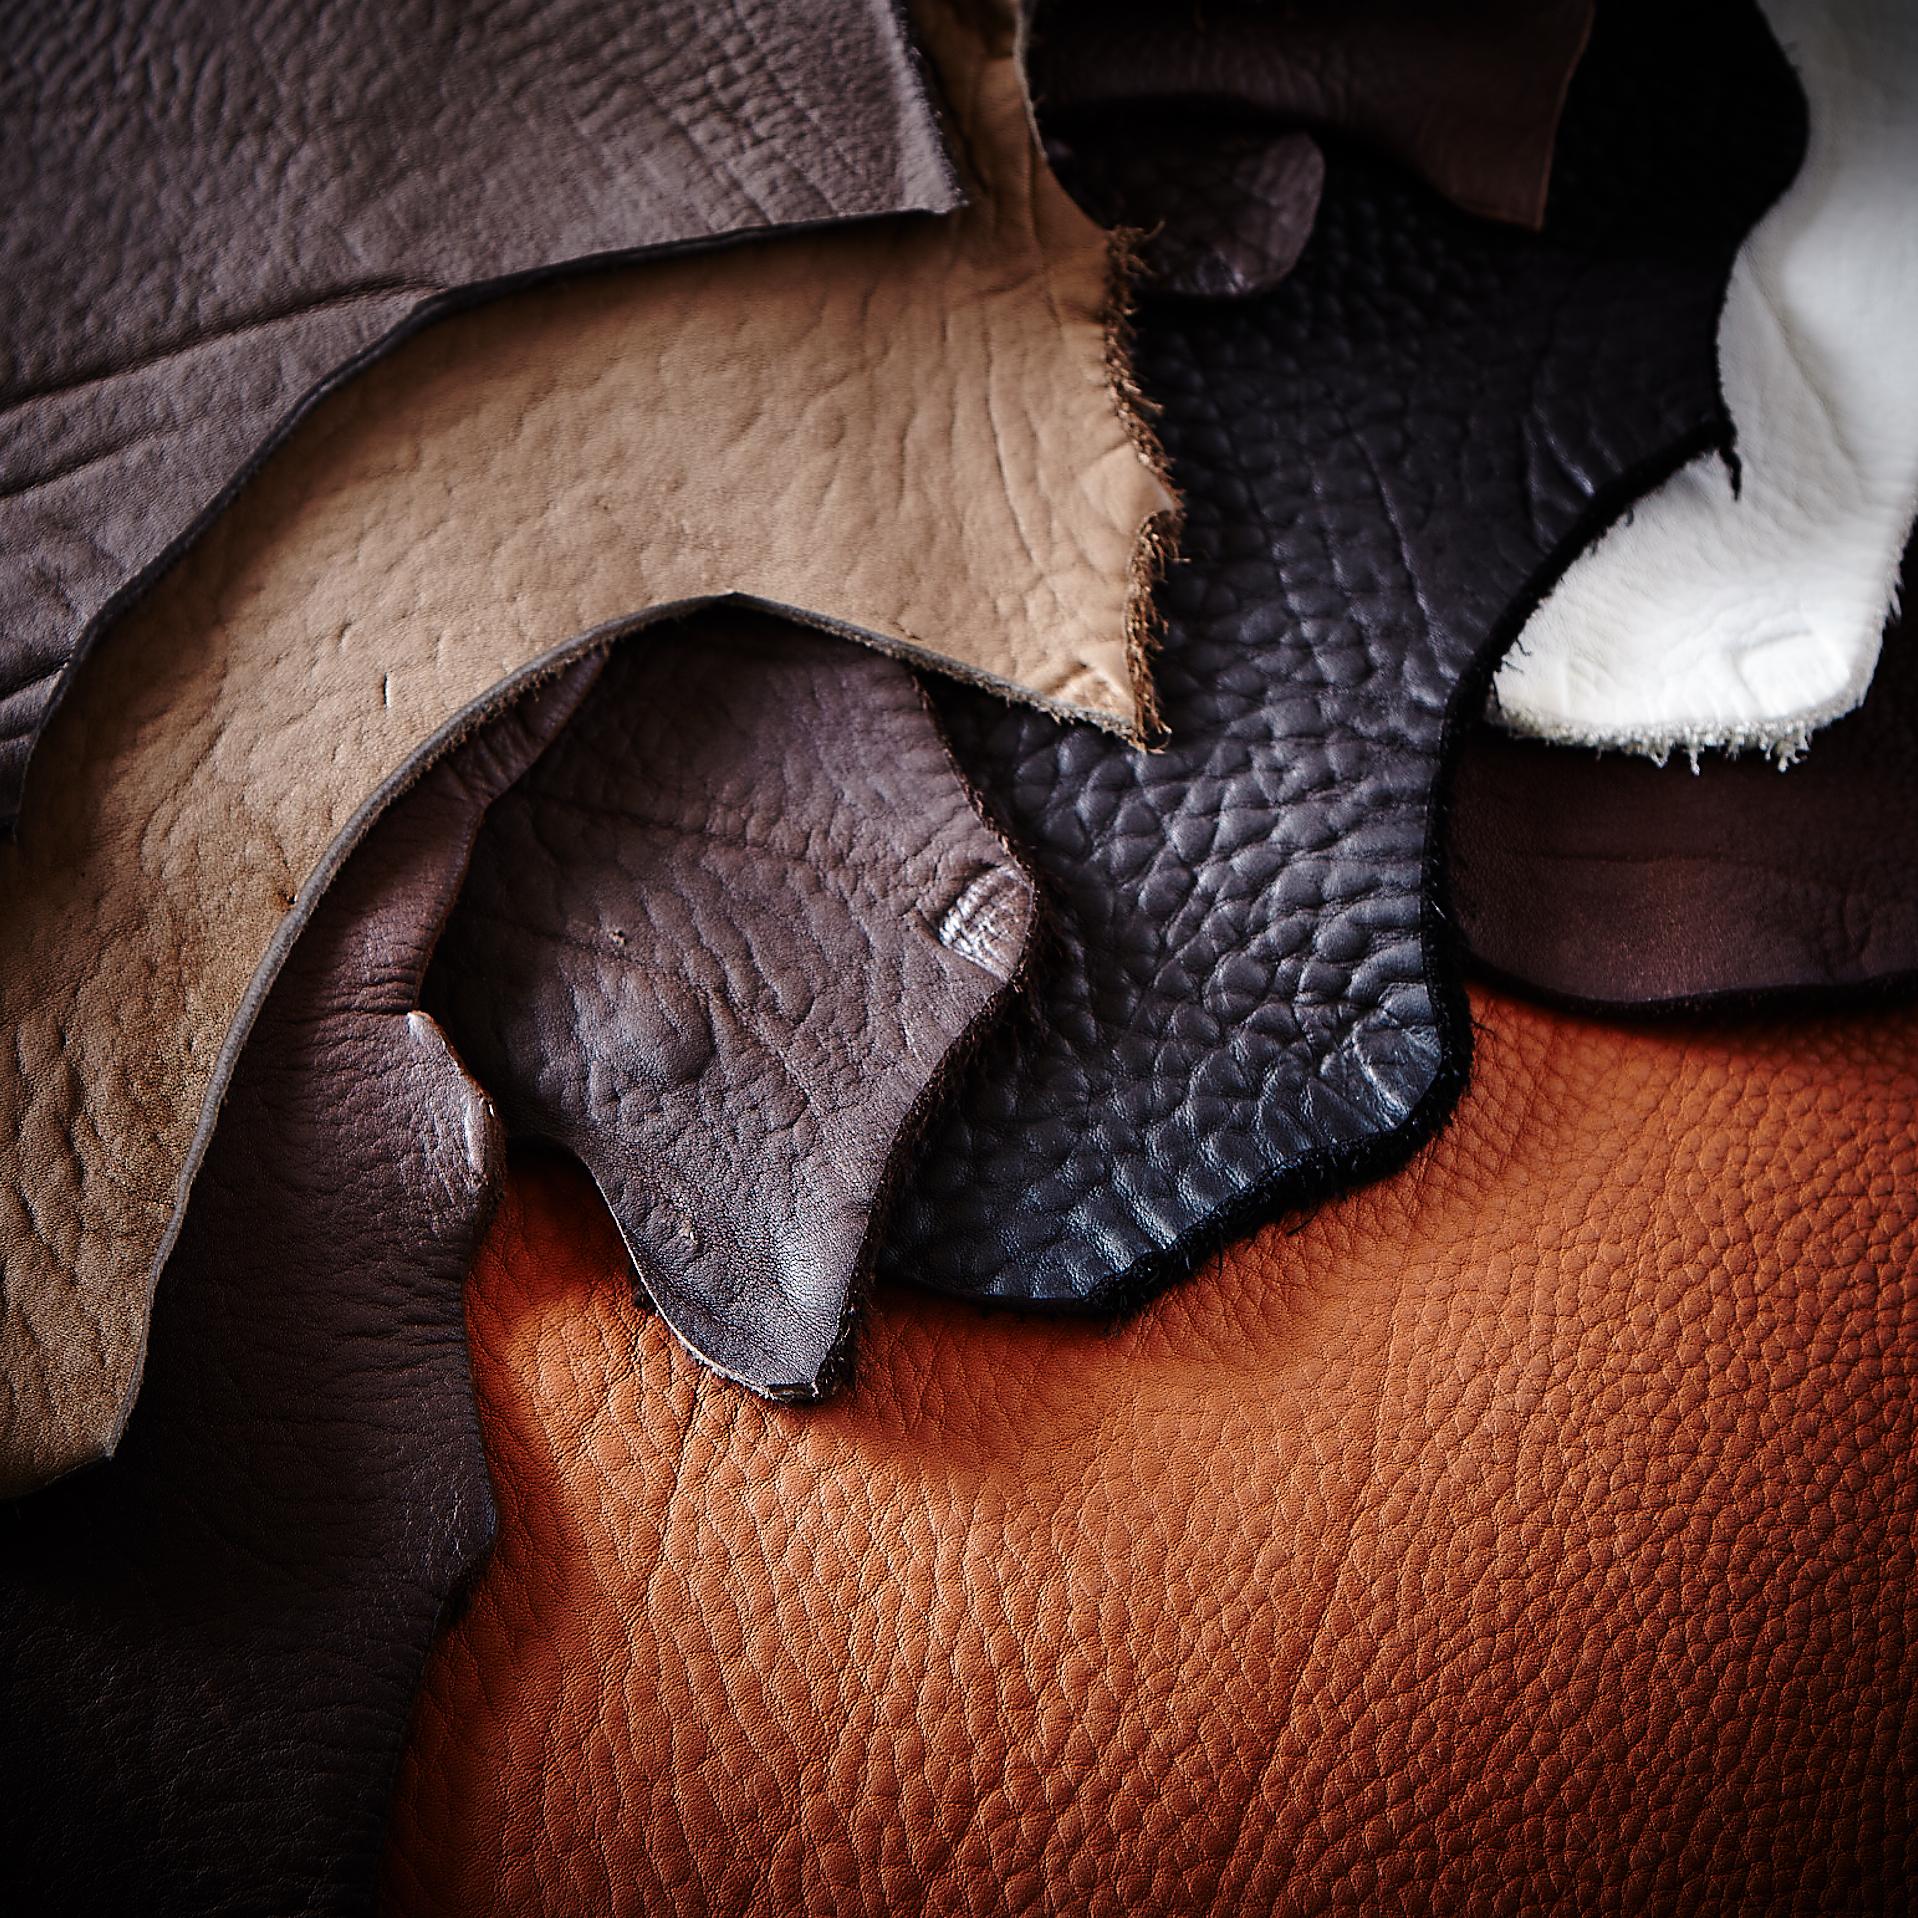 BULL種の雄牛。年間2000頭しか飼育しない希少な皮革